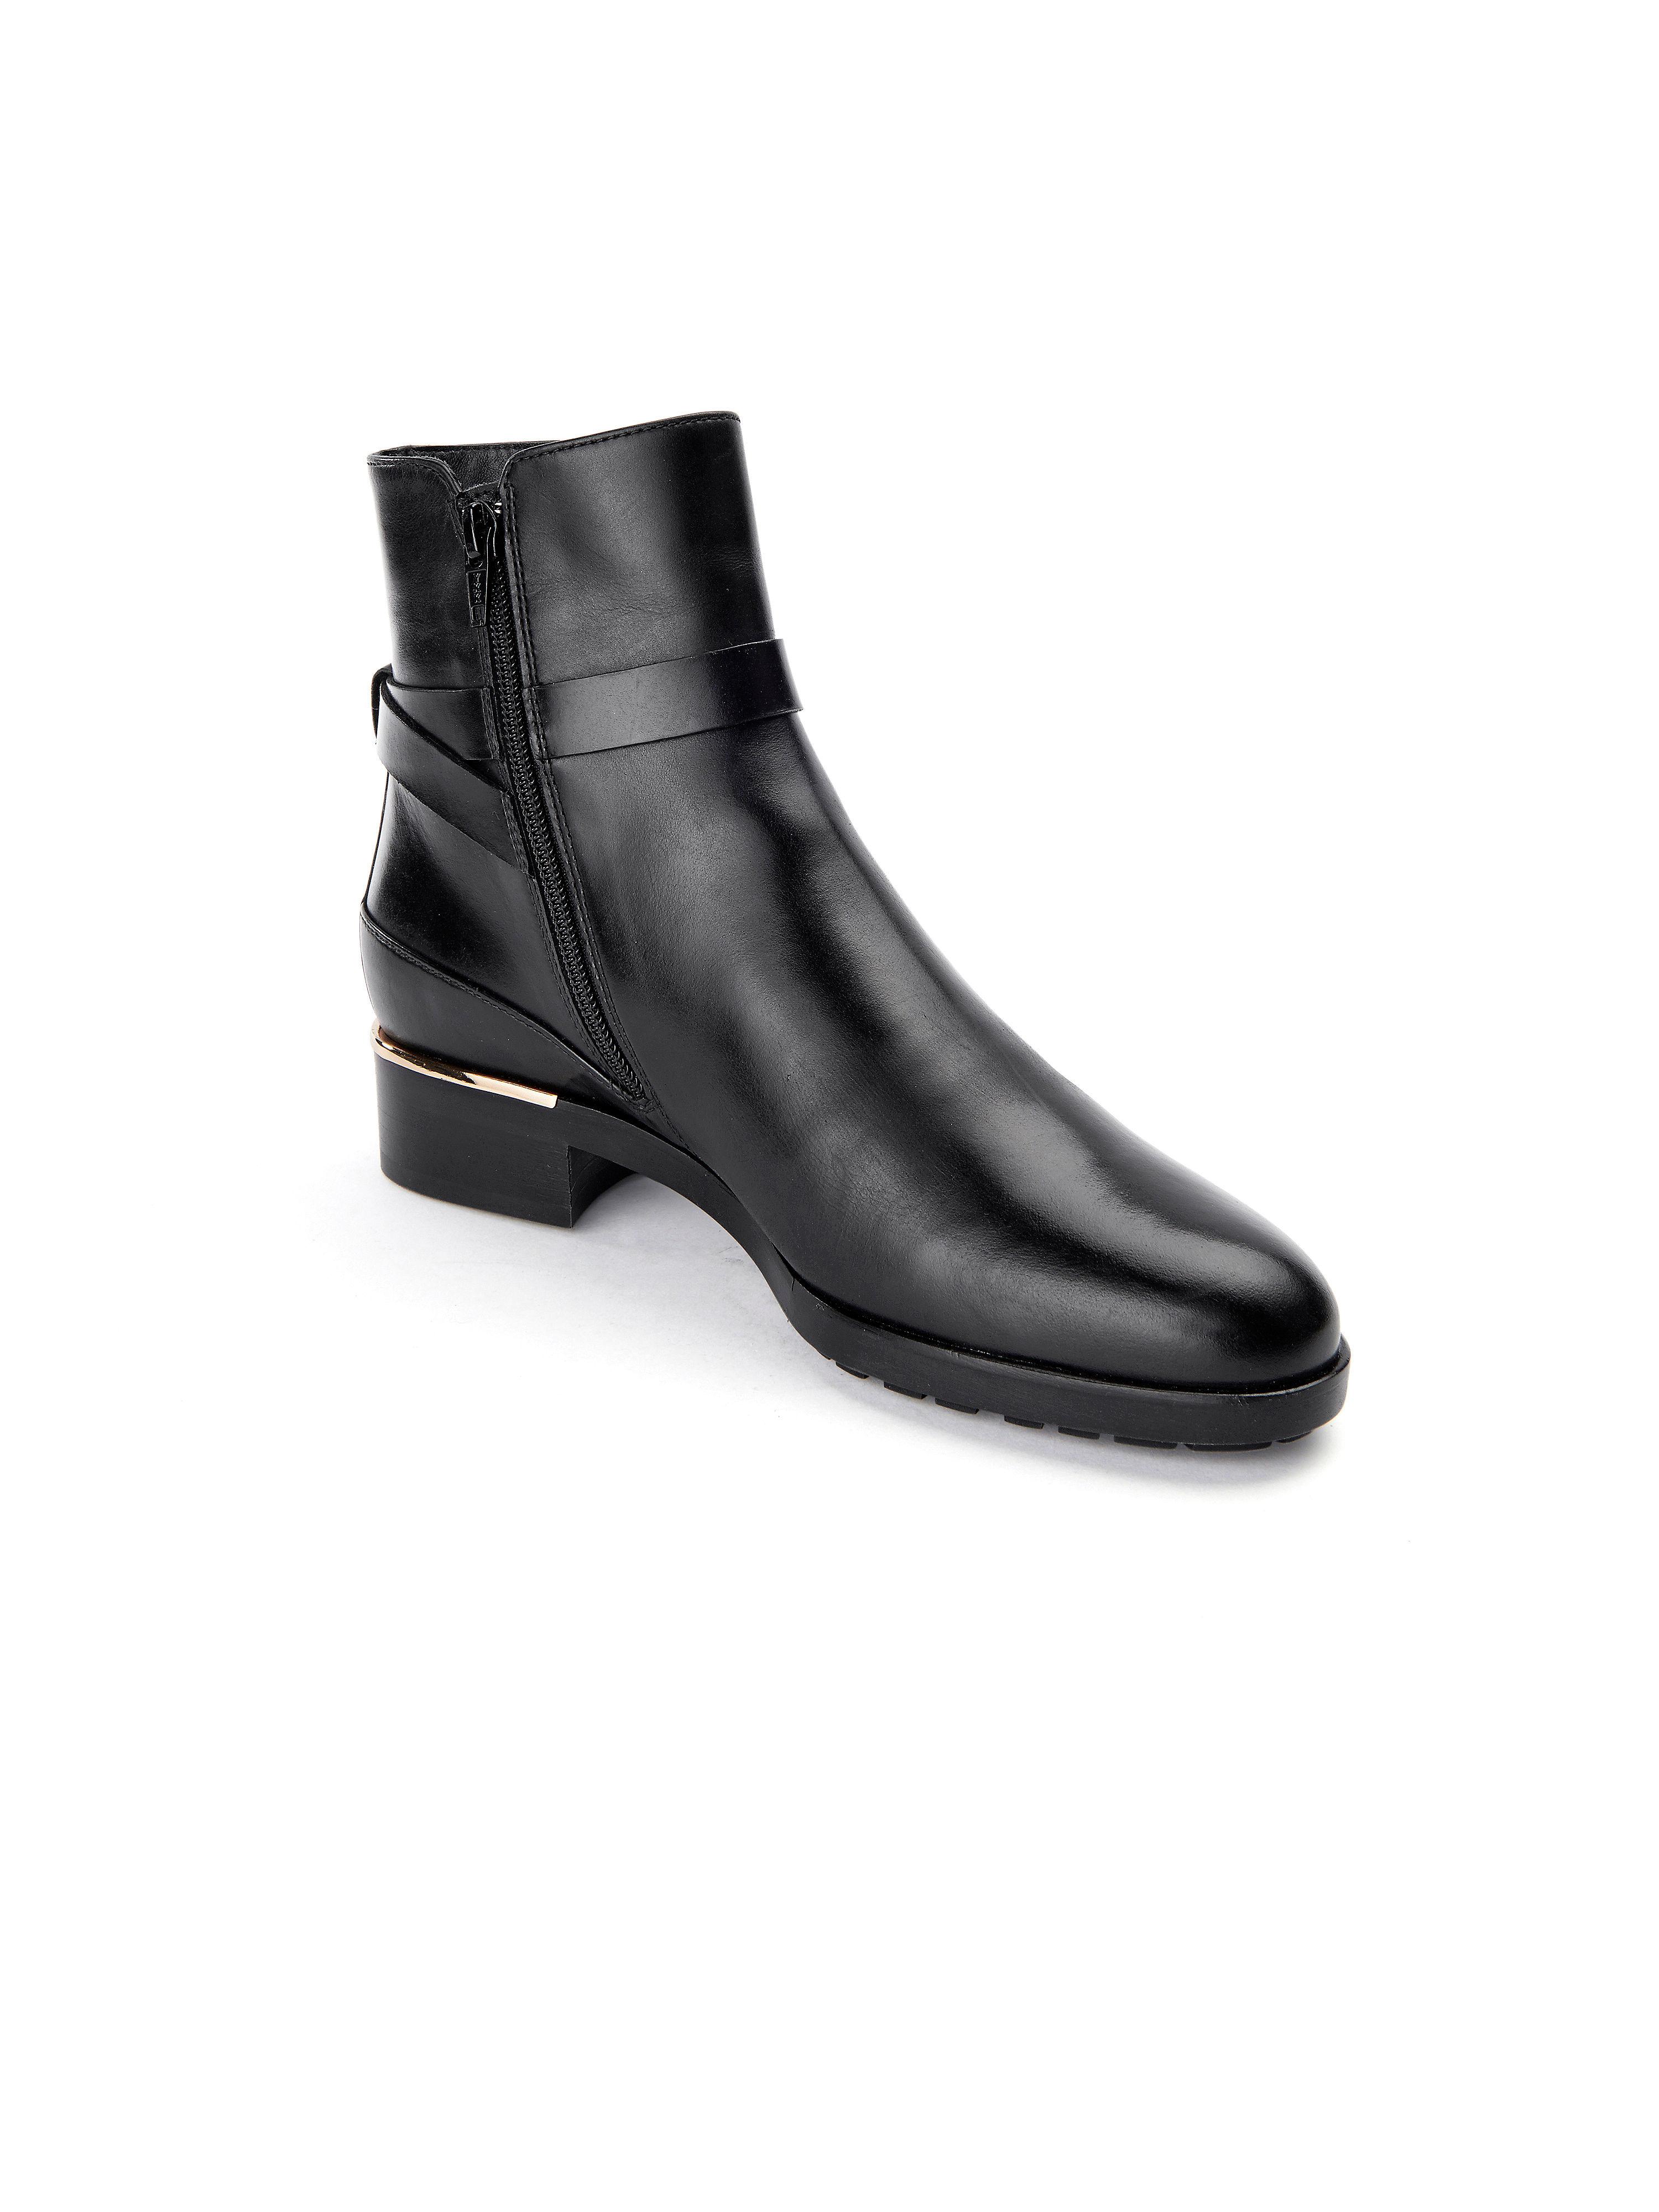 Högl - Stiefelette - Schwarz Gute Qualität beliebte Schuhe